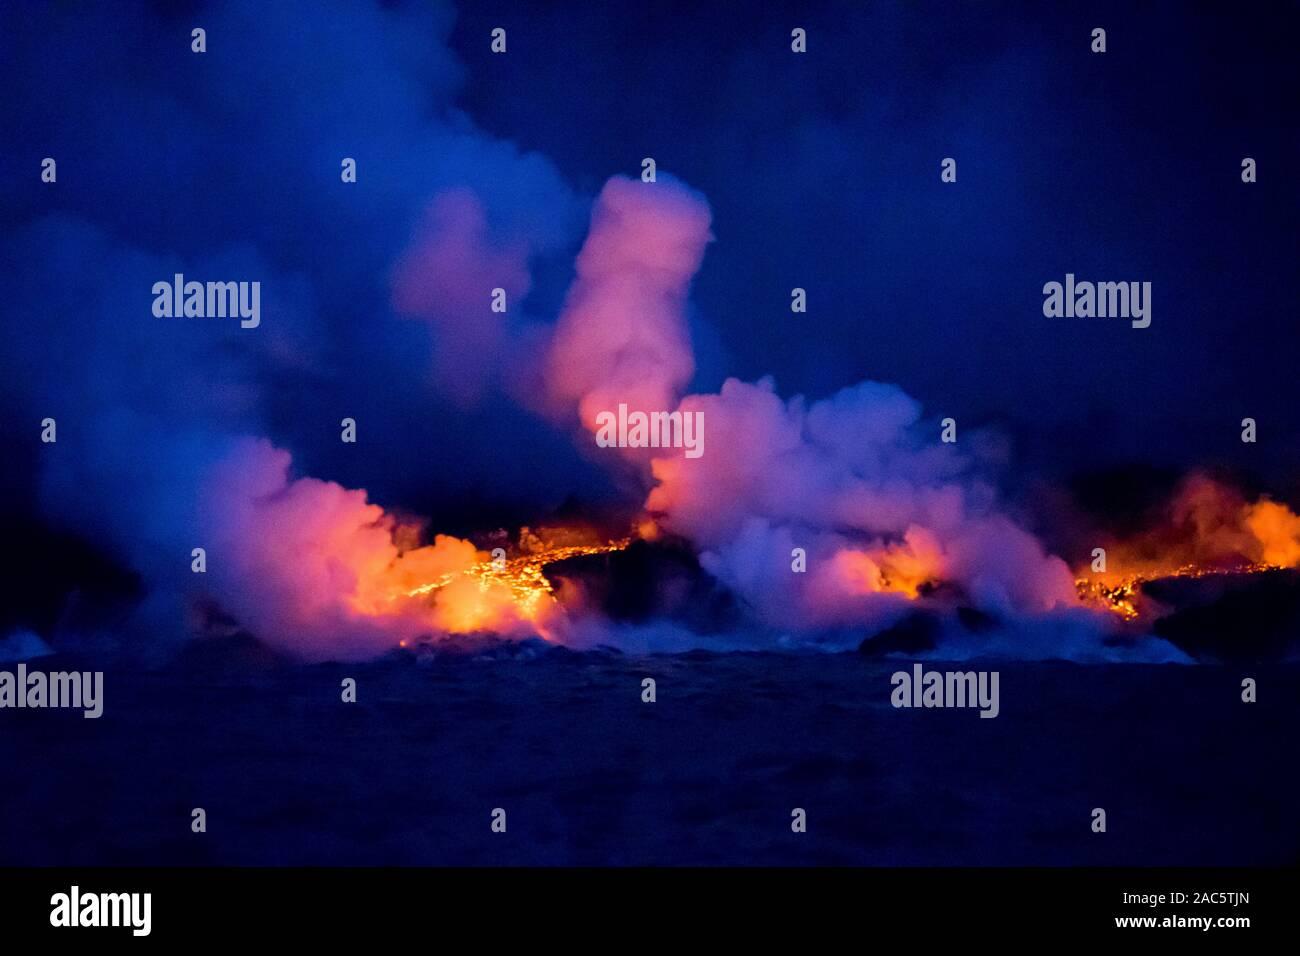 Agosto 2018: lava del volcán Kilauea fisura del 8 fluye hacia el océano frente a la costa de la Puna de la Isla Grande de Hawai'i. Esta imagen fue tomada un Foto de stock